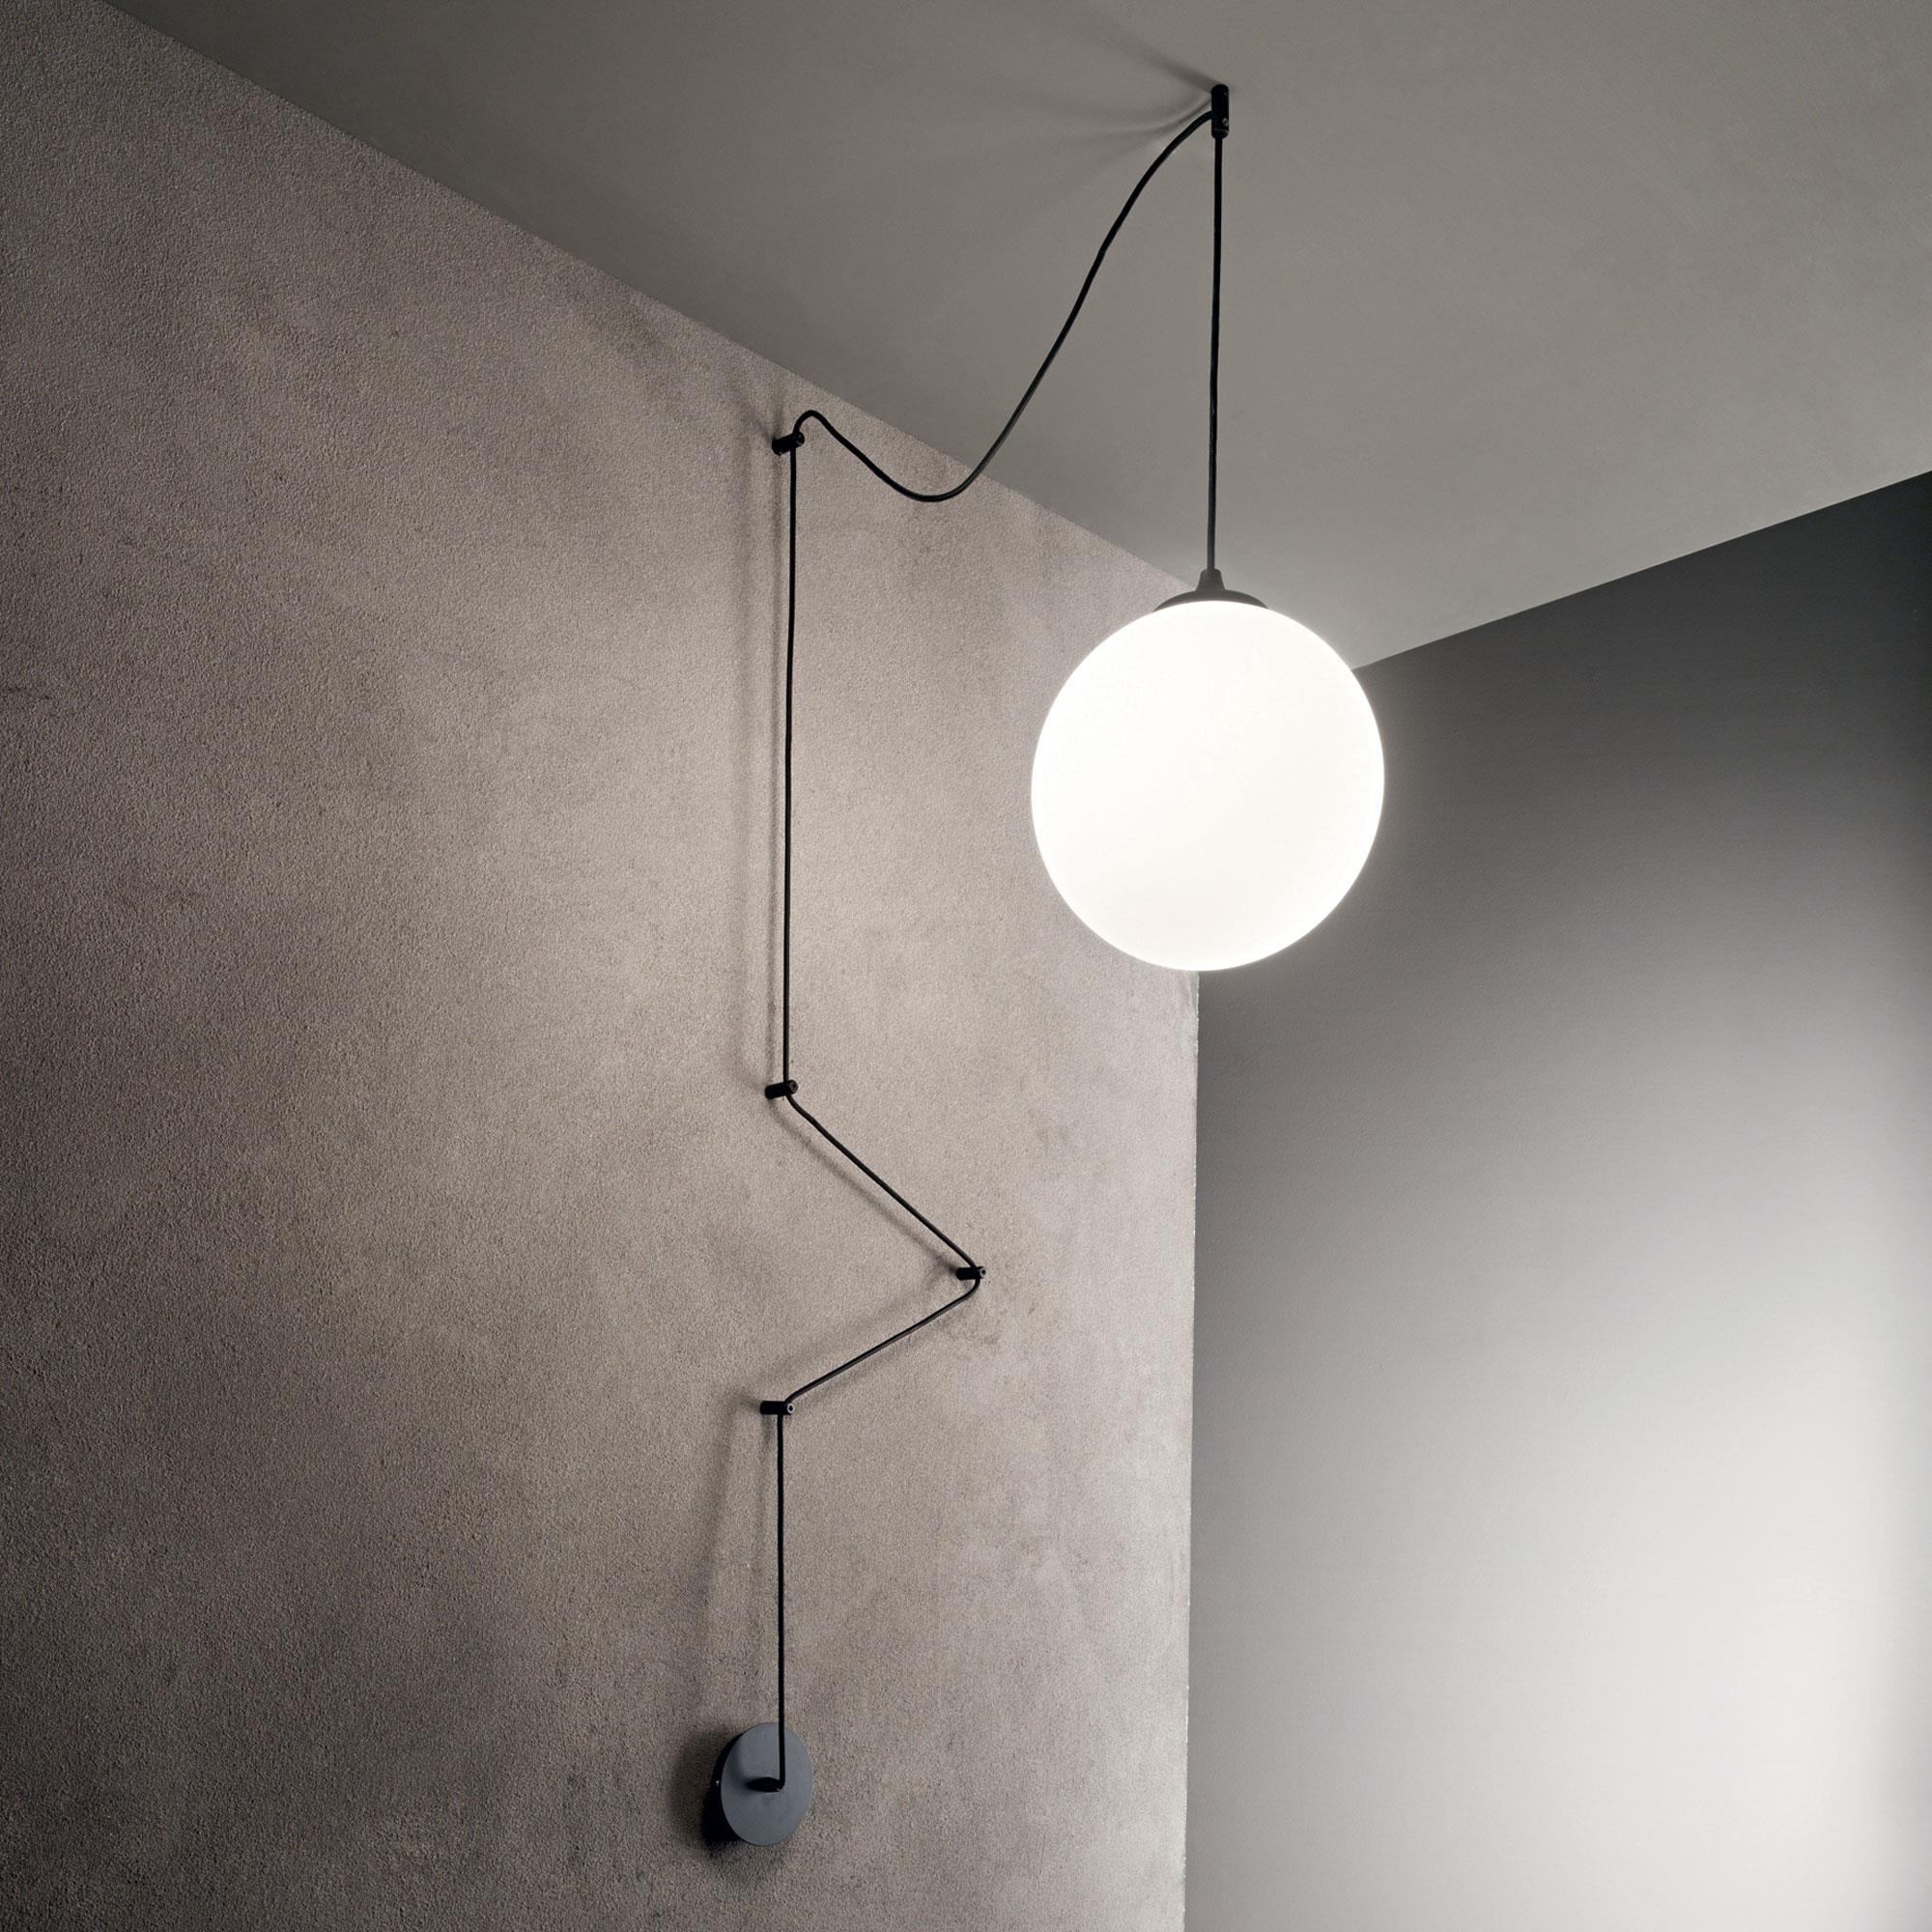 Ideal Lux 160856 BOA SP1 NERO lámpa függeszték